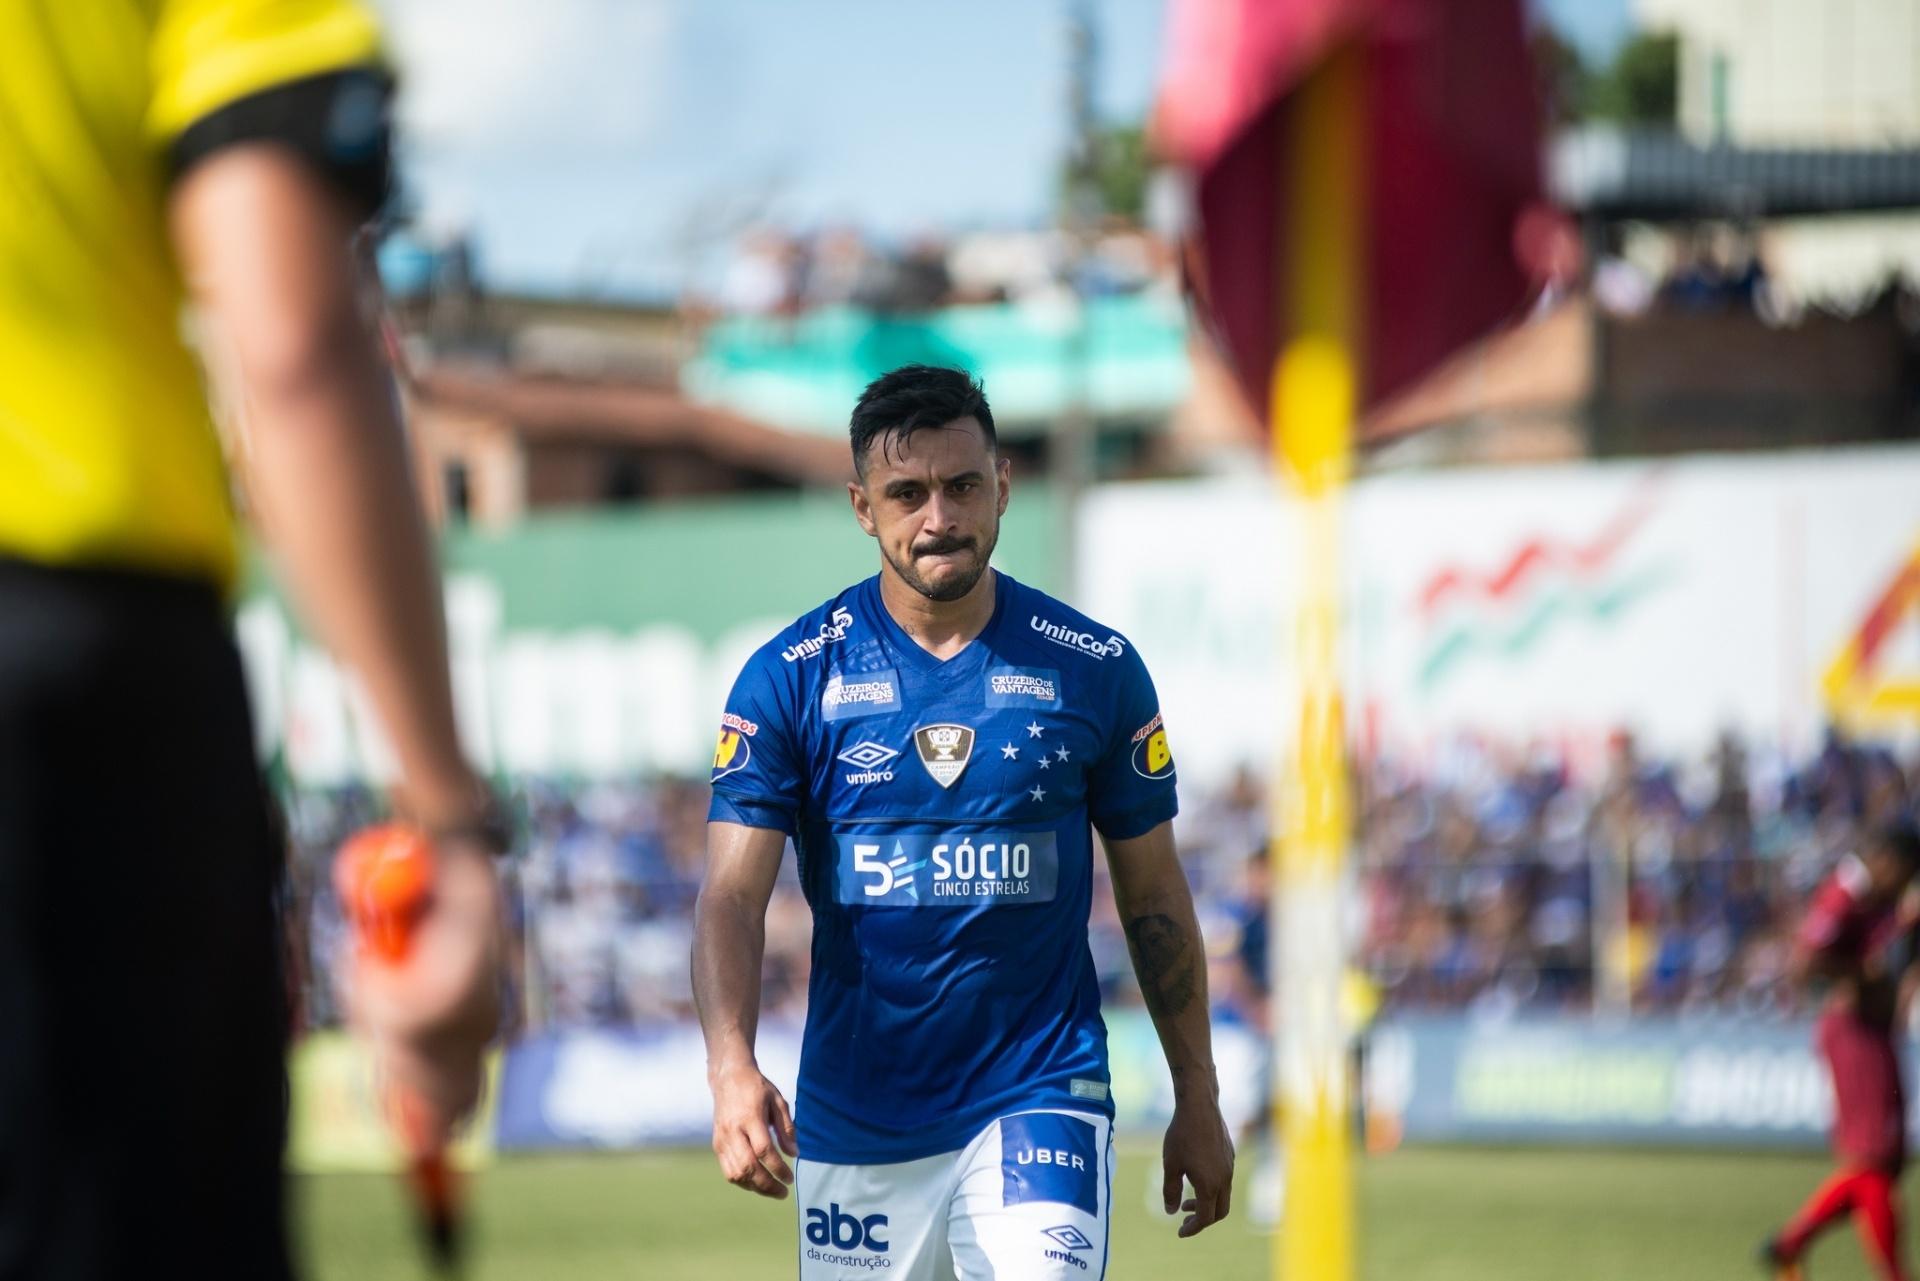 Cruzeiro planeja lançar uniforme principal antes da estreia na Libertadores  - Esporte - BOL 1dd6be96d97b2